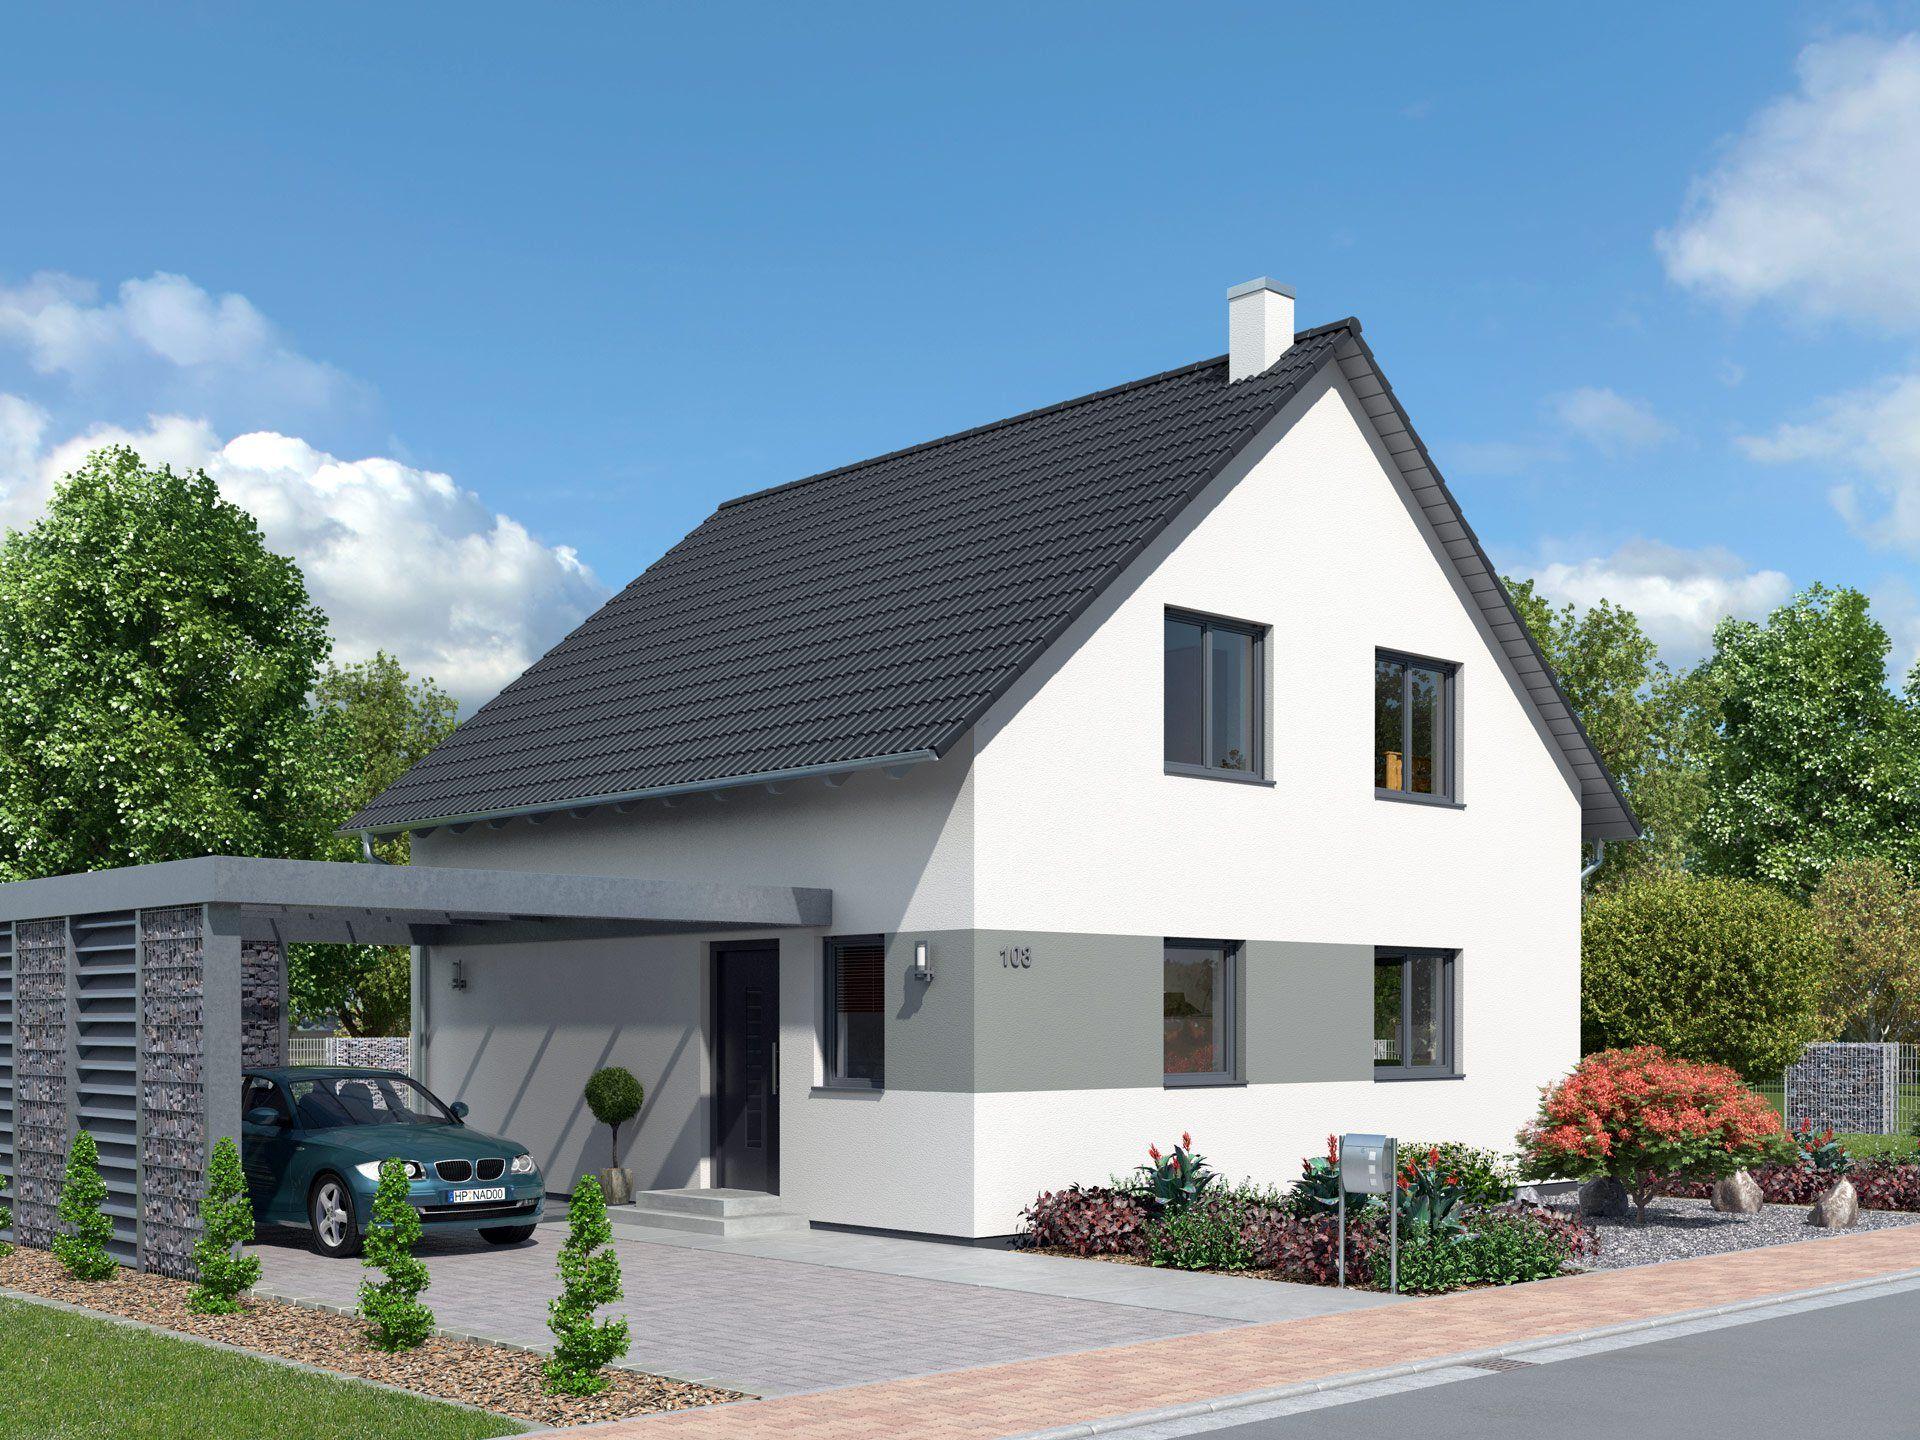 kompakthaus 108 massivhaus von ytong bausatzhaus energiesparendes einfamilienhaus mit. Black Bedroom Furniture Sets. Home Design Ideas